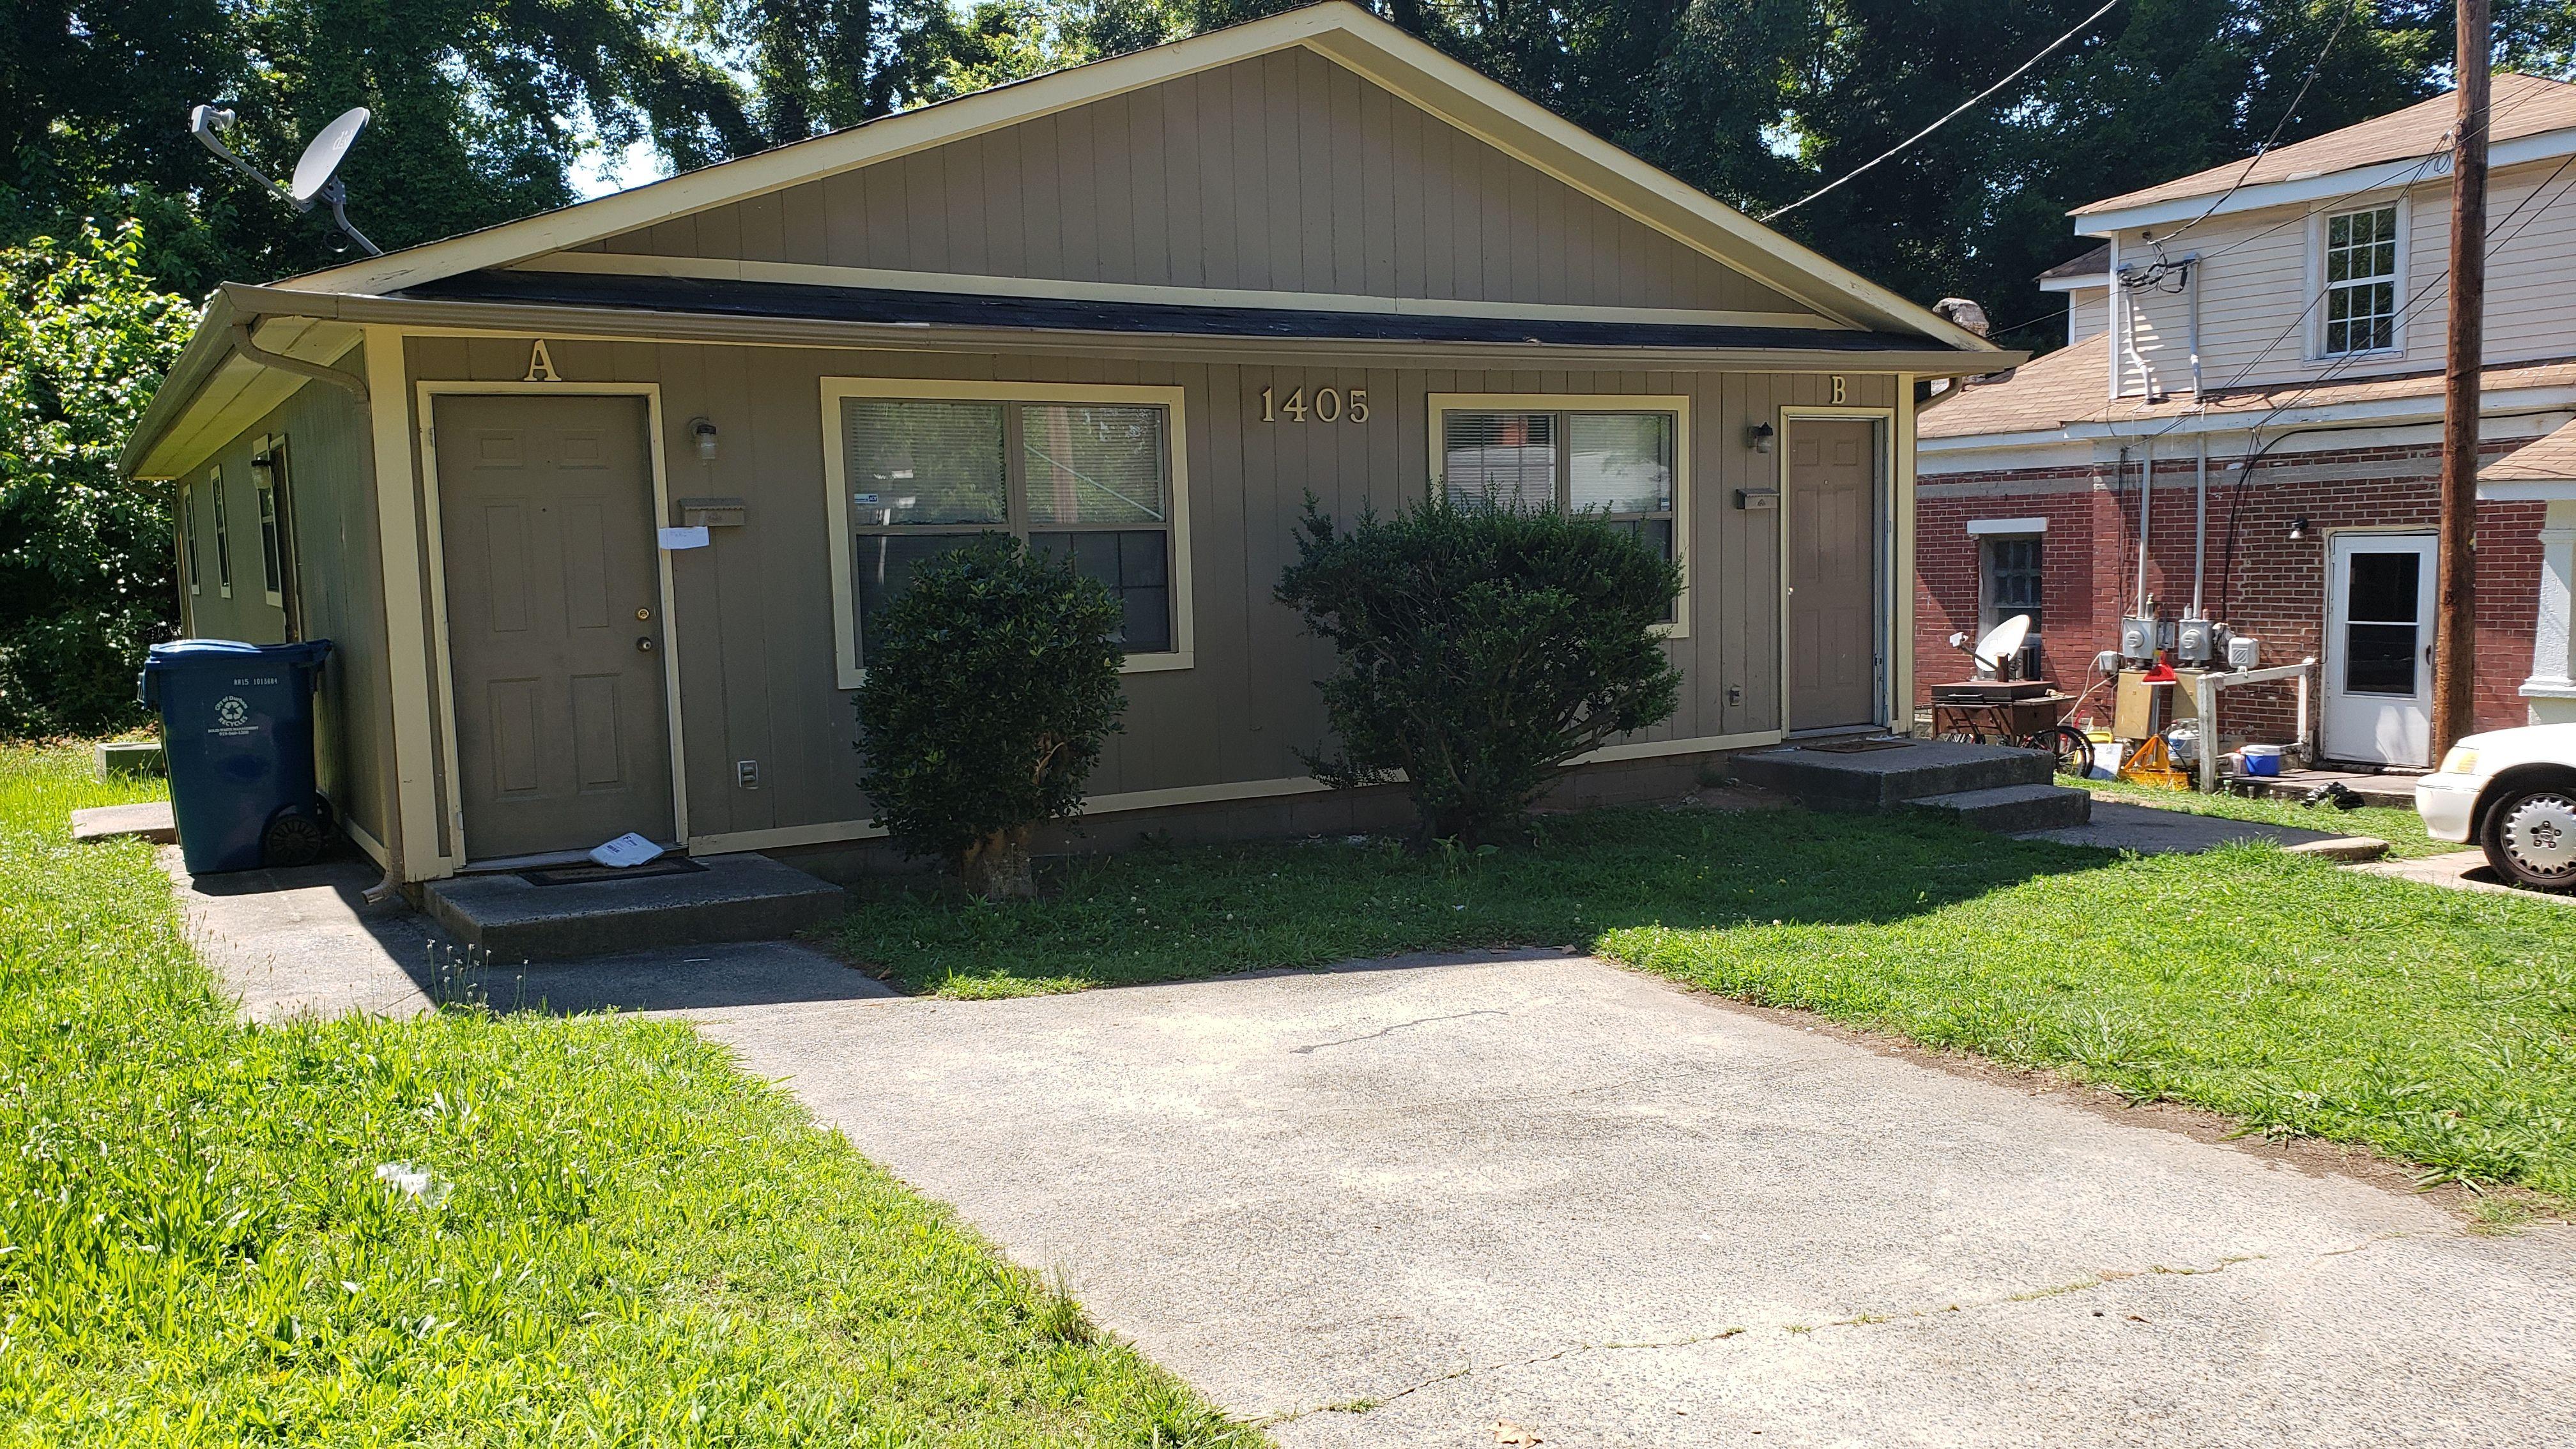 1405 Gearwood Ave (Image - 1)